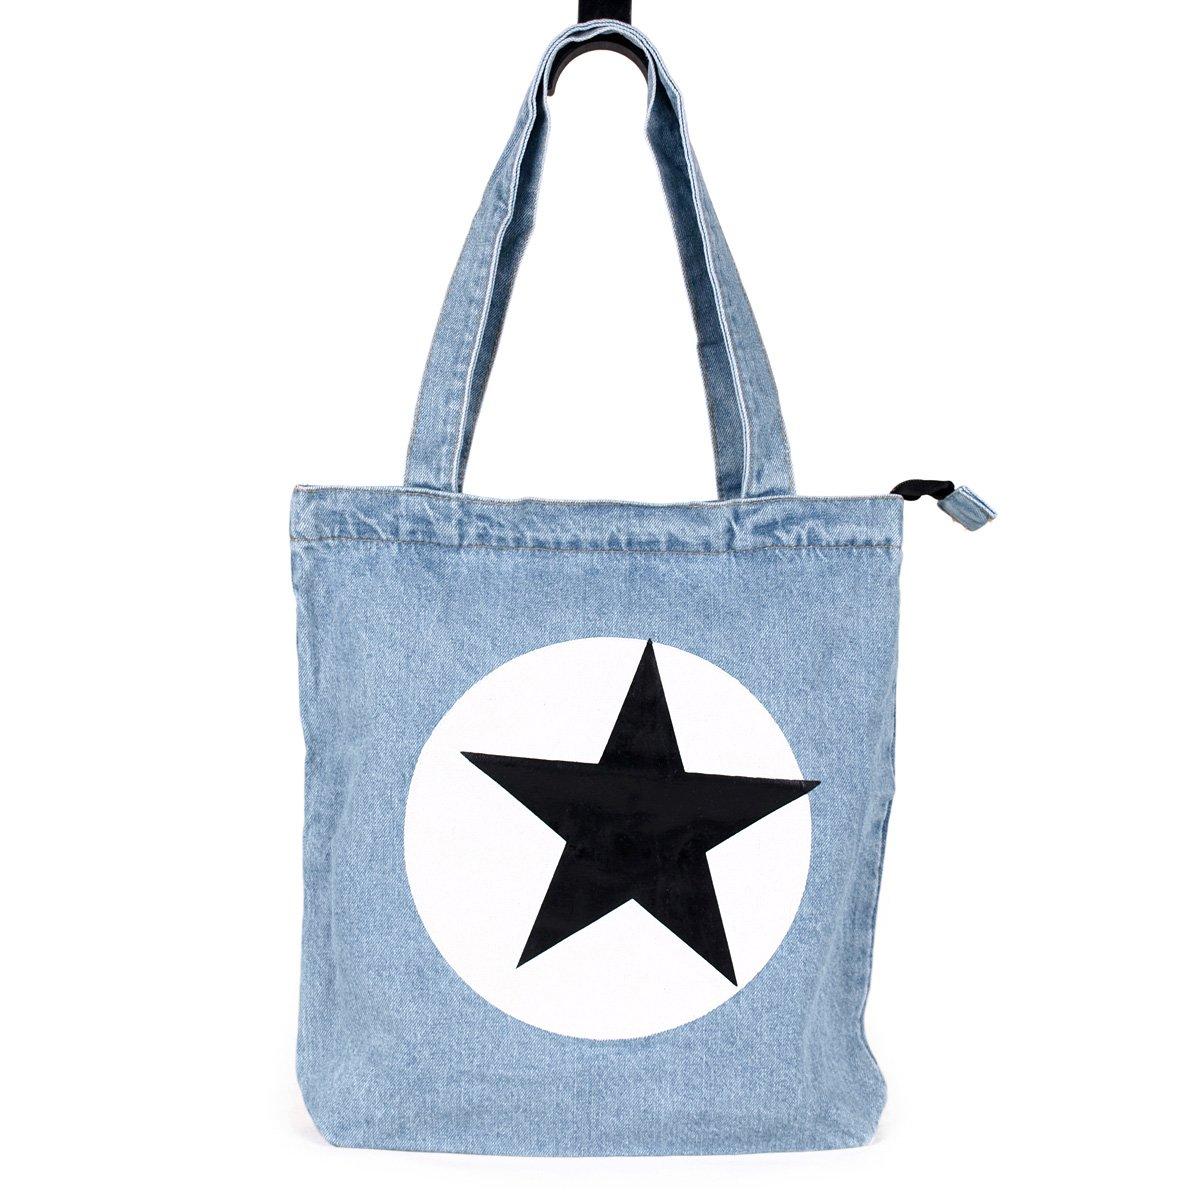 fabce6e76880 Amazon.com  Premium Lightweight Jeans Fabric Tote Shoulder Bag Handbag